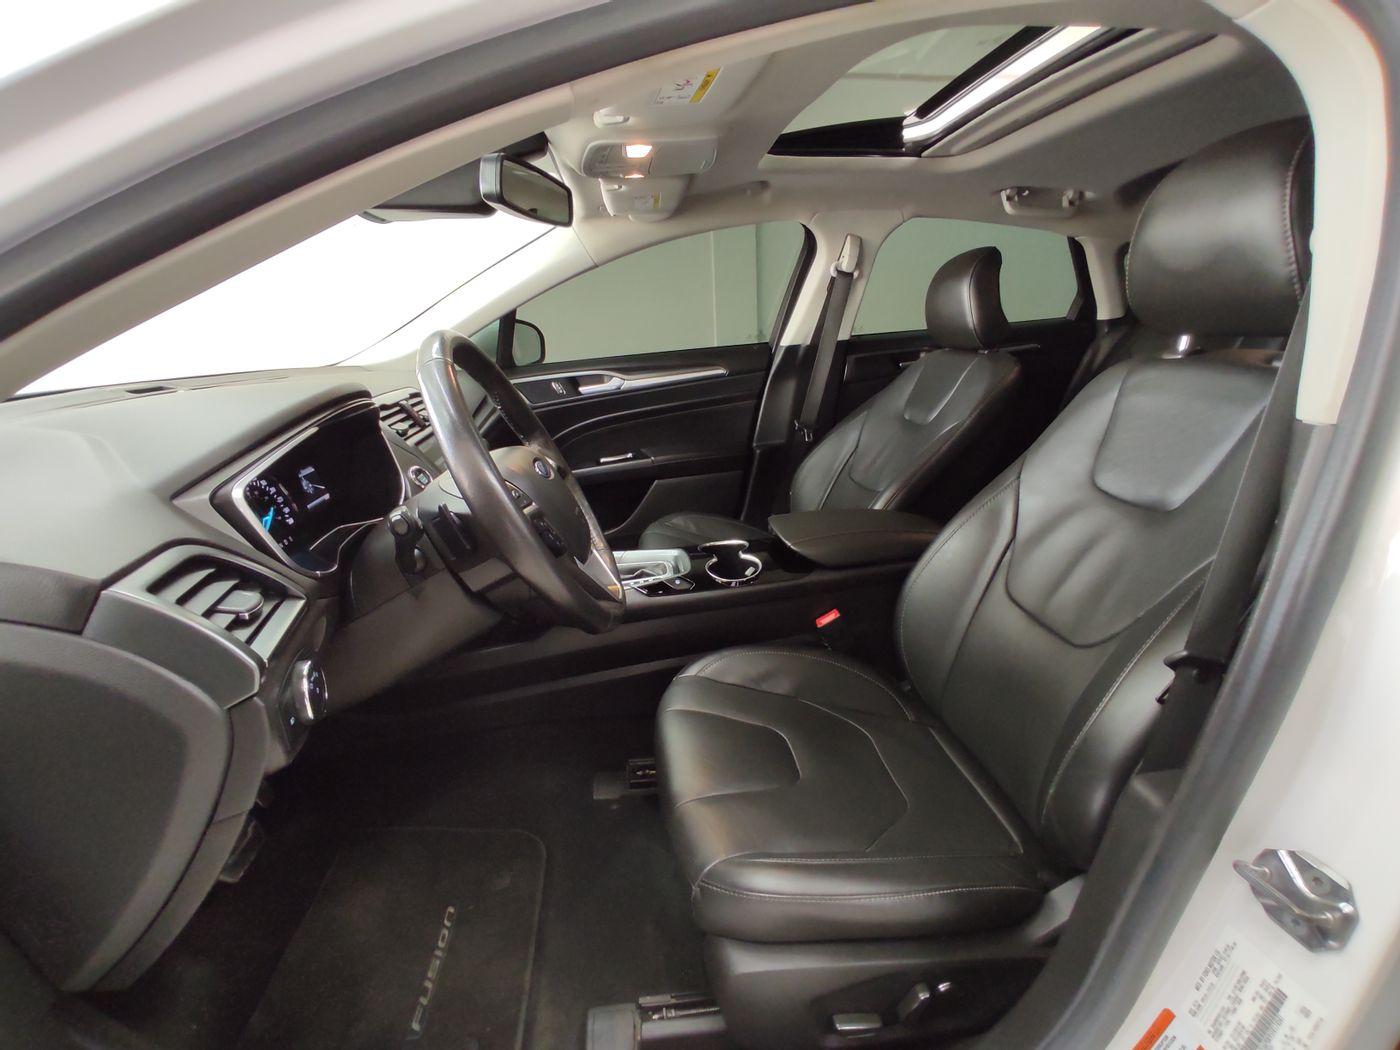 Ford Fusion Titanium 2.0 GTDI Eco. Fwd Aut.